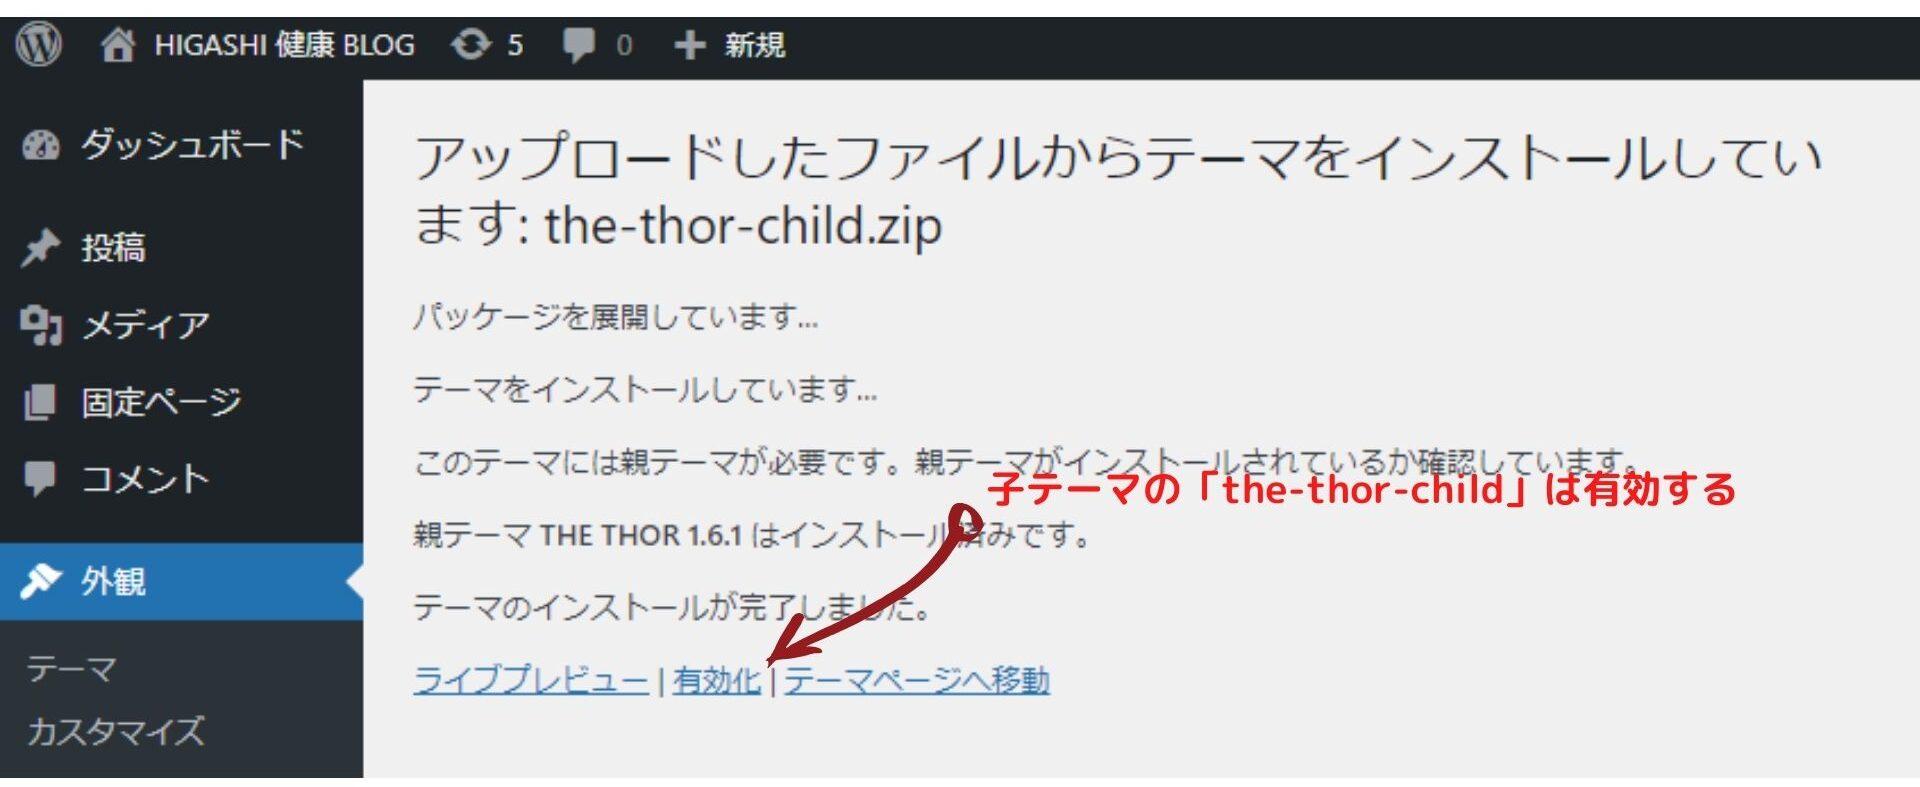 7.子テーマ「the-thor-child」を有効化